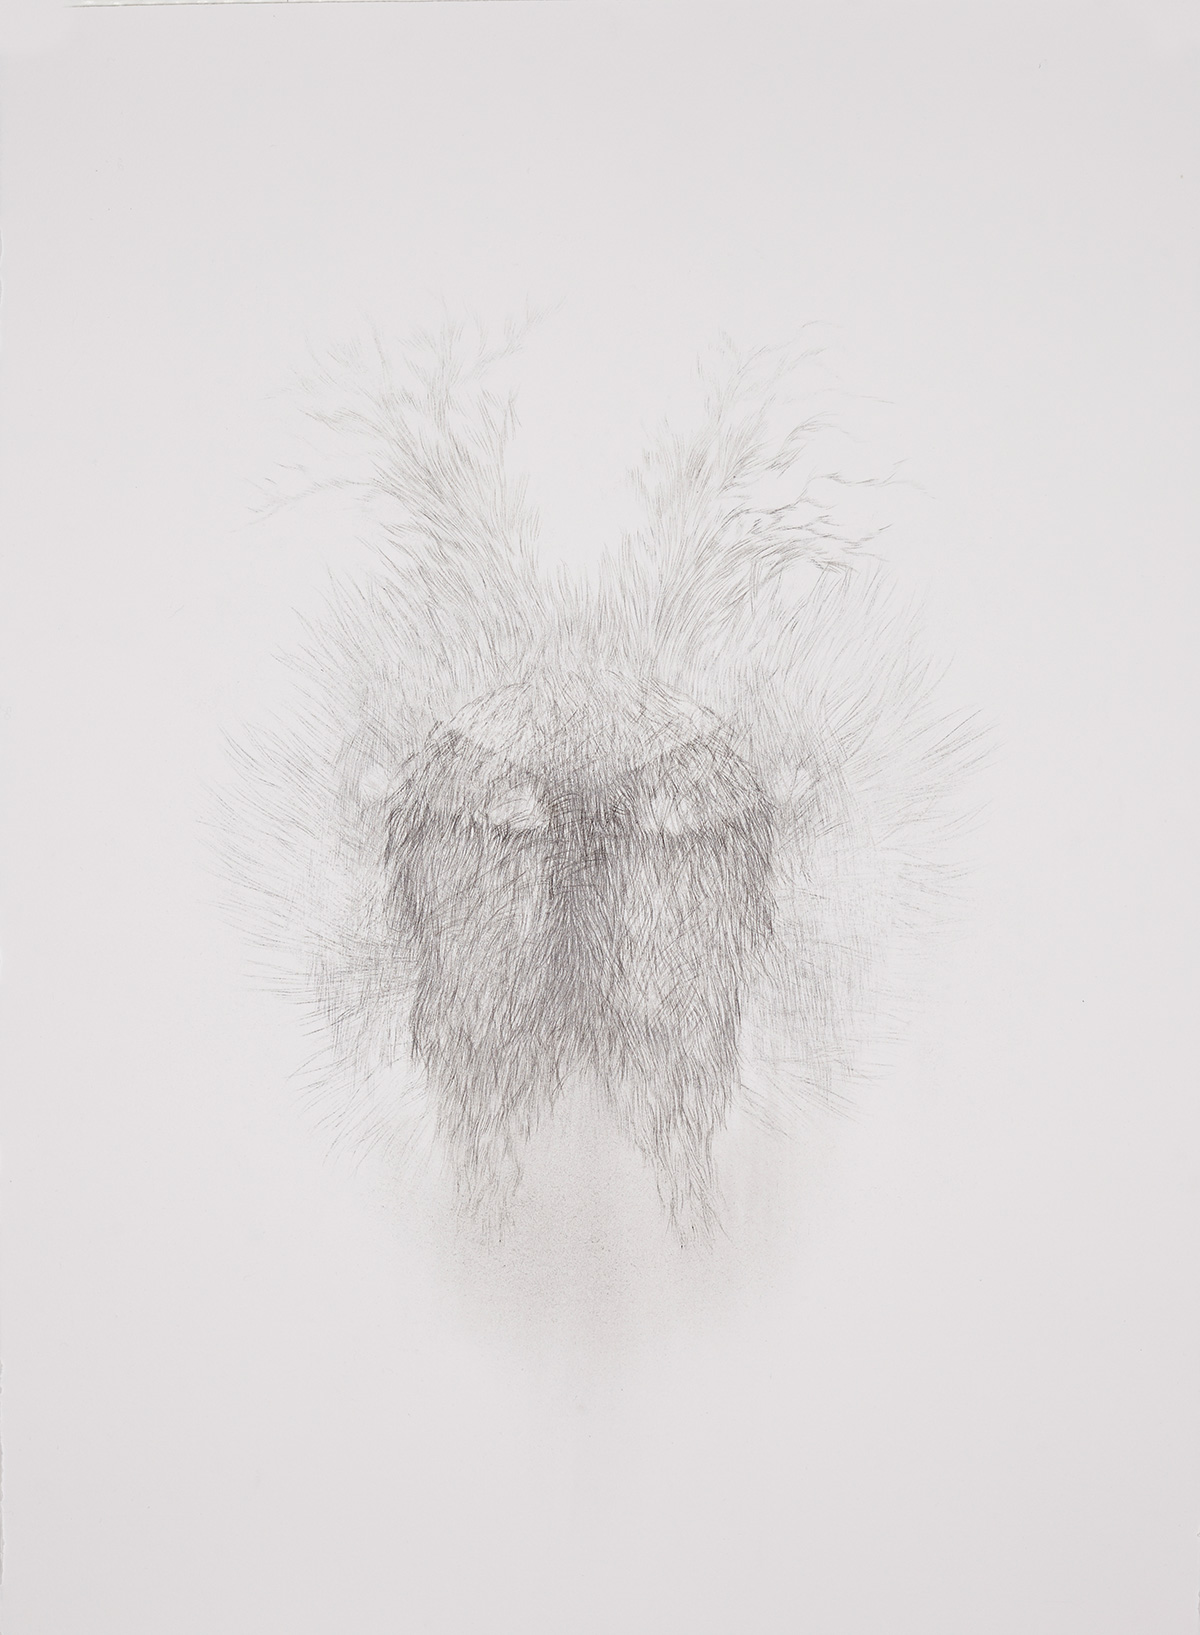 <i>Derrière les secrets (souche)</i>, 2016, graphite, 80x60cm